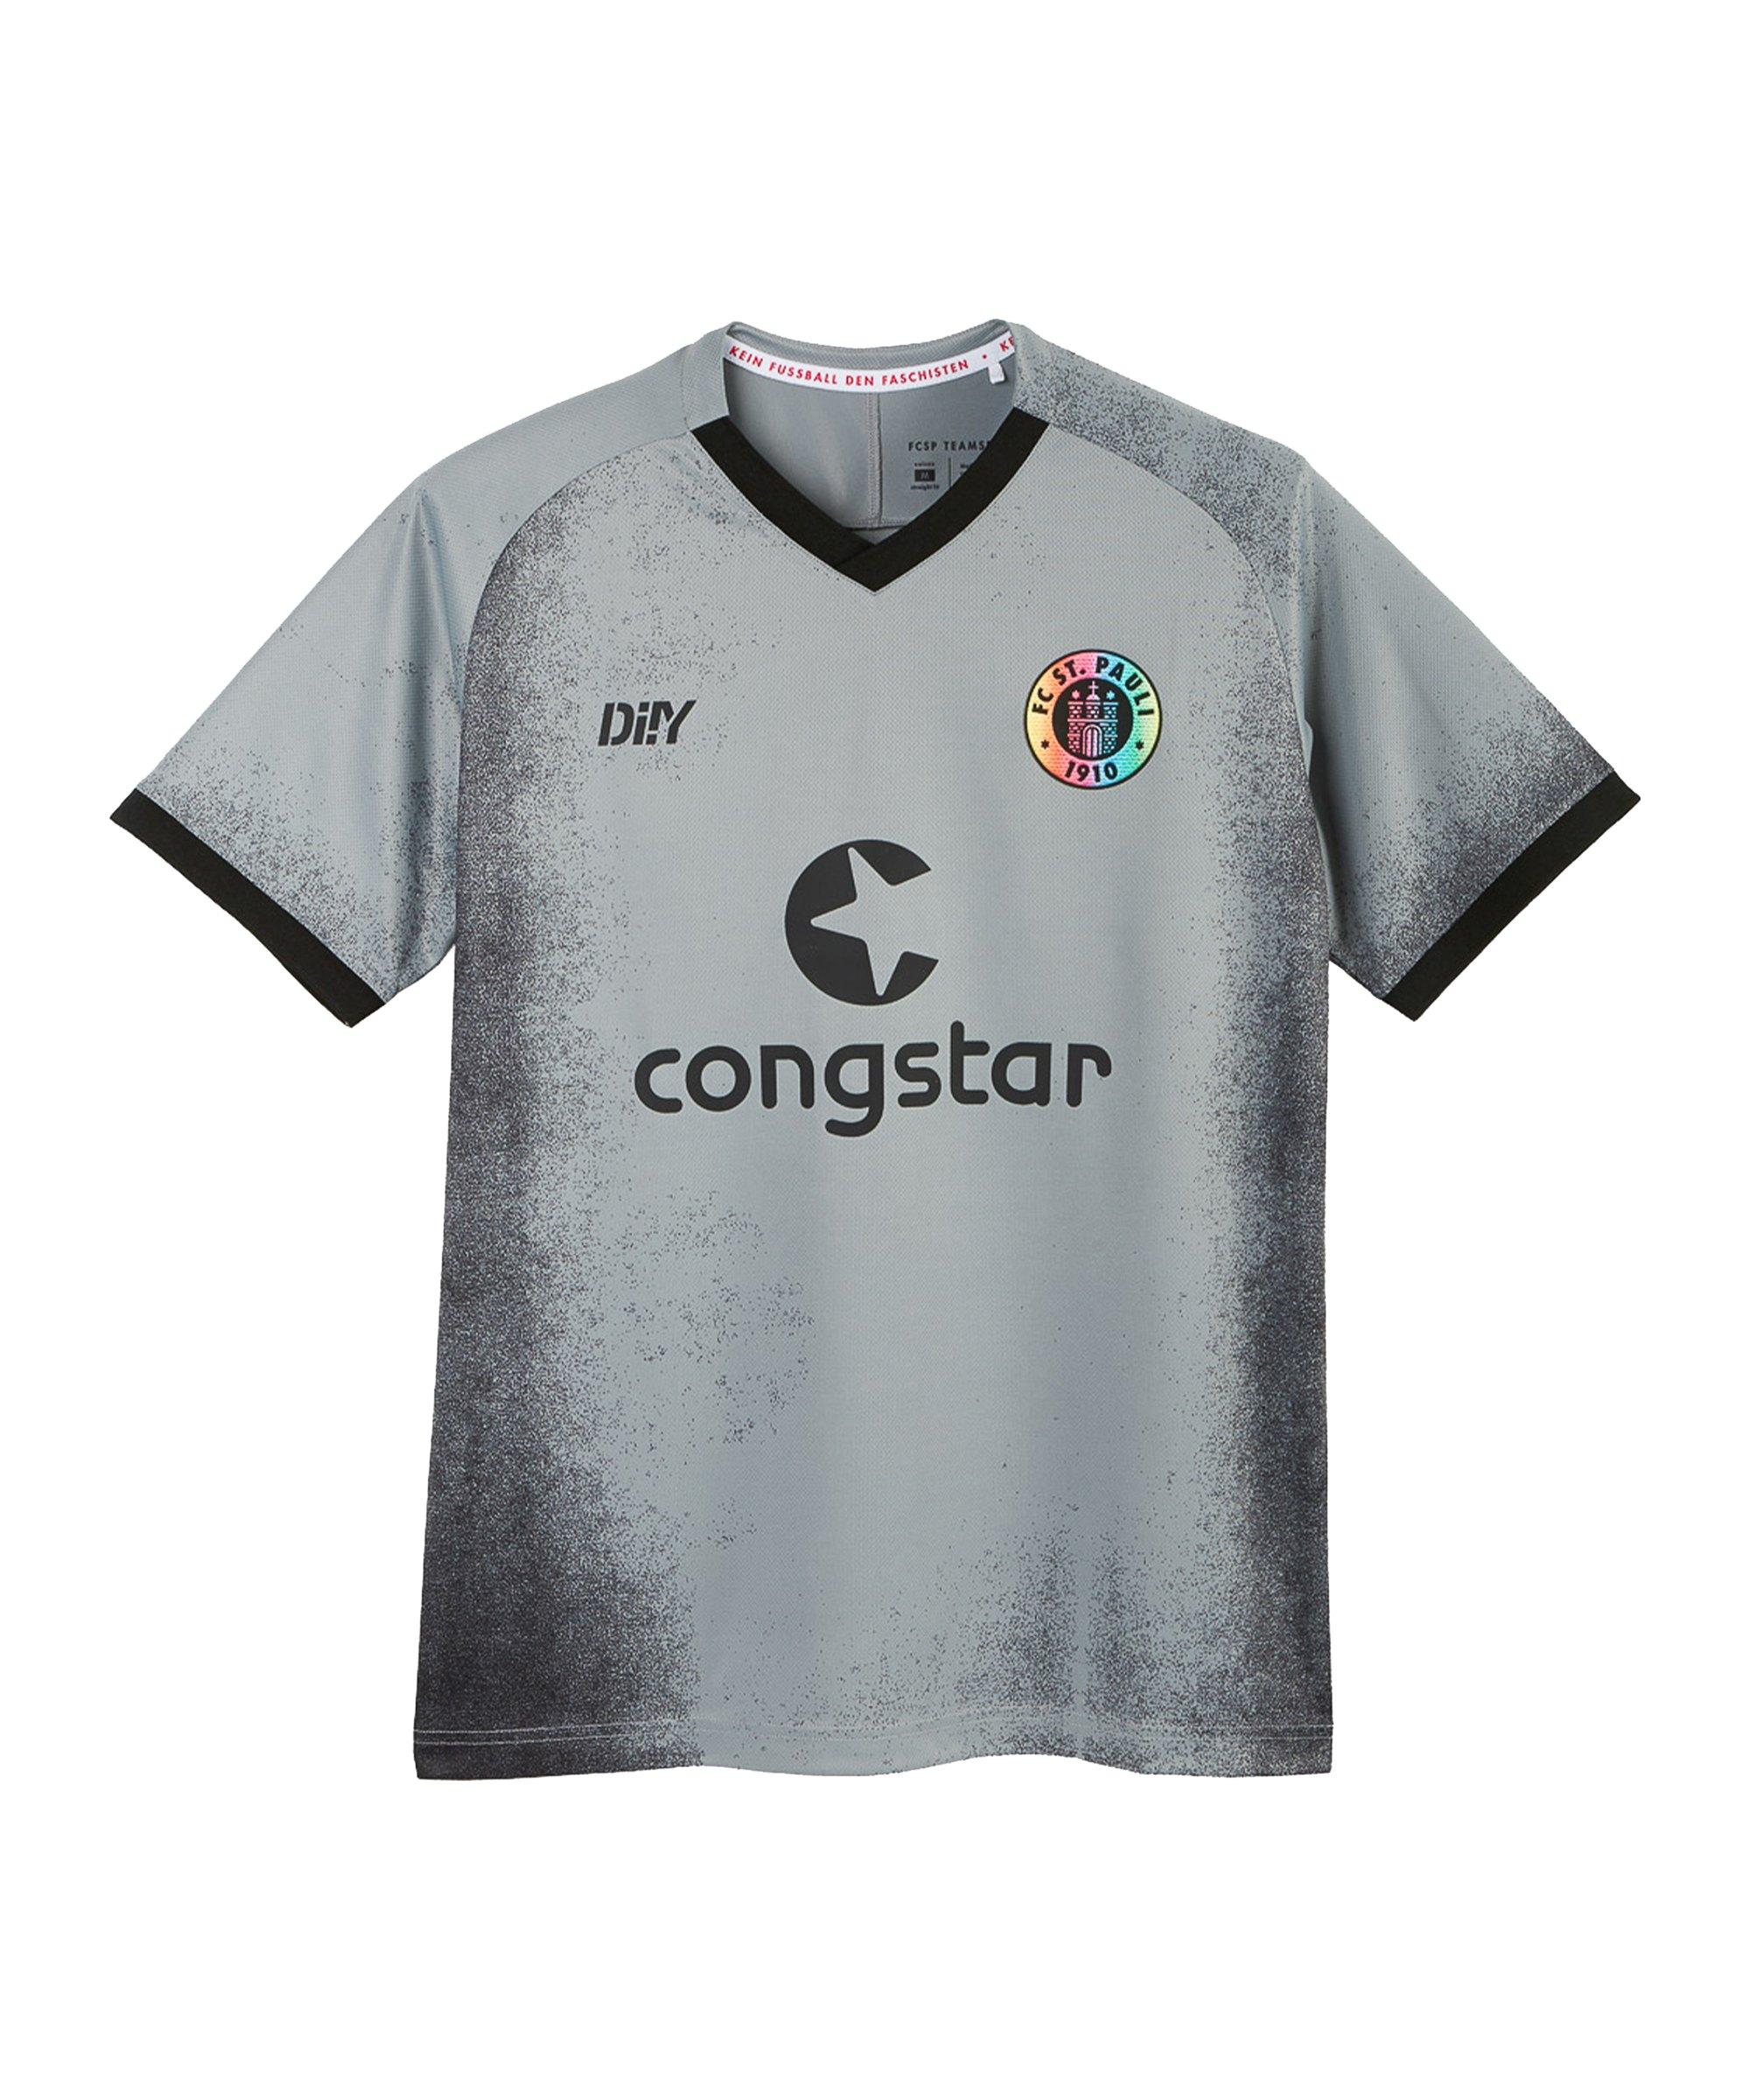 DIIY FC St. Pauli Trikot 3rd 2021/2022 Grau - grau